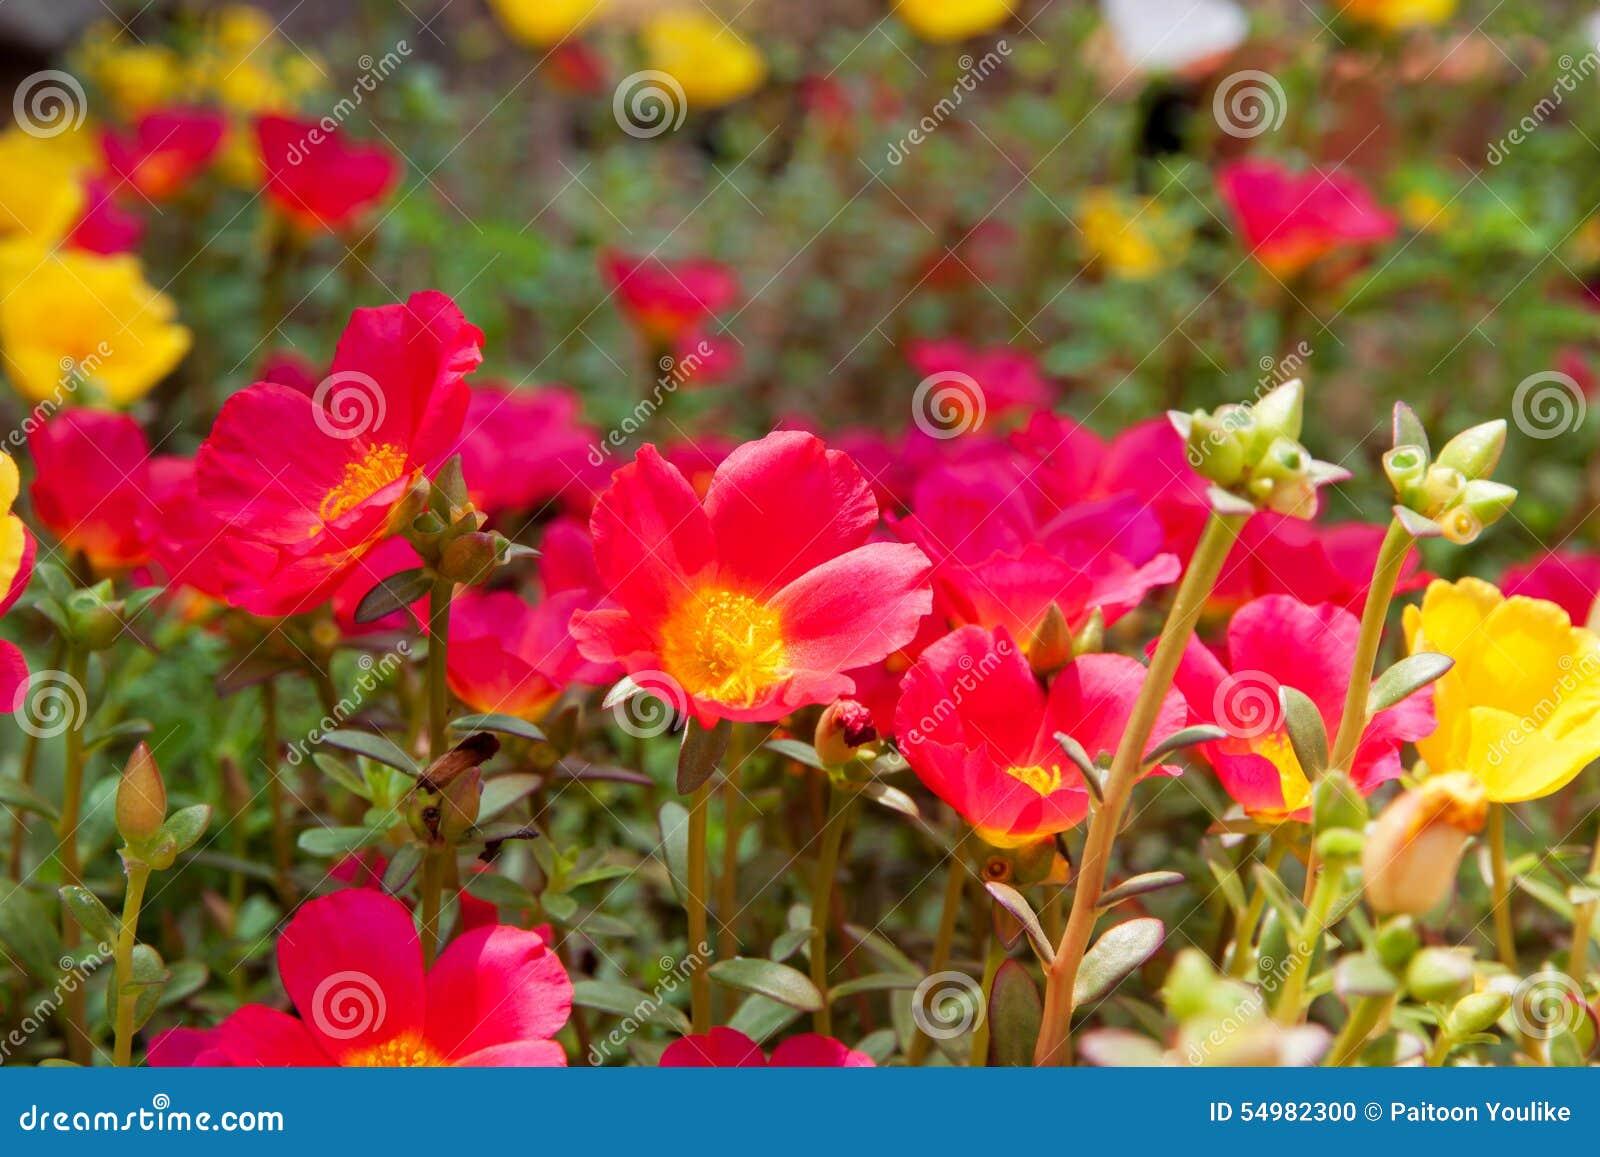 Το βρύο αυξήθηκε κίτρινο και κόκκινο χρώμα στον κήπο